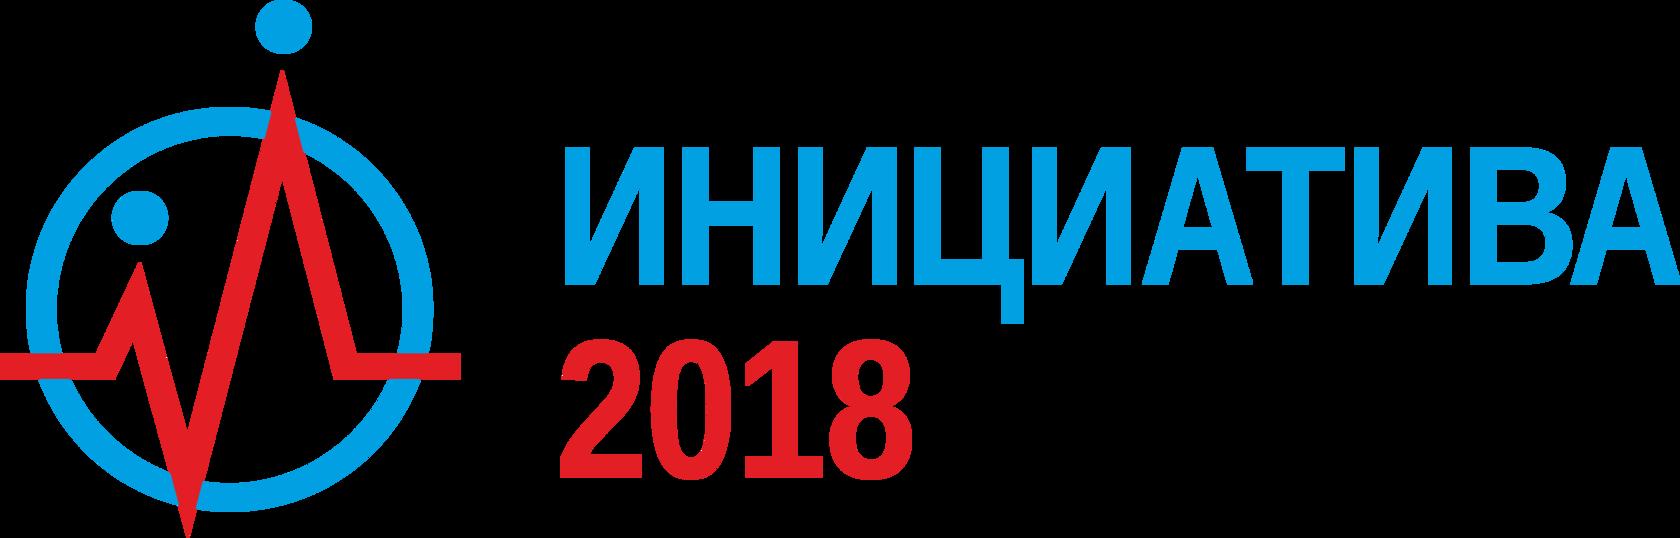 ИНИЦИАТИВА-2018